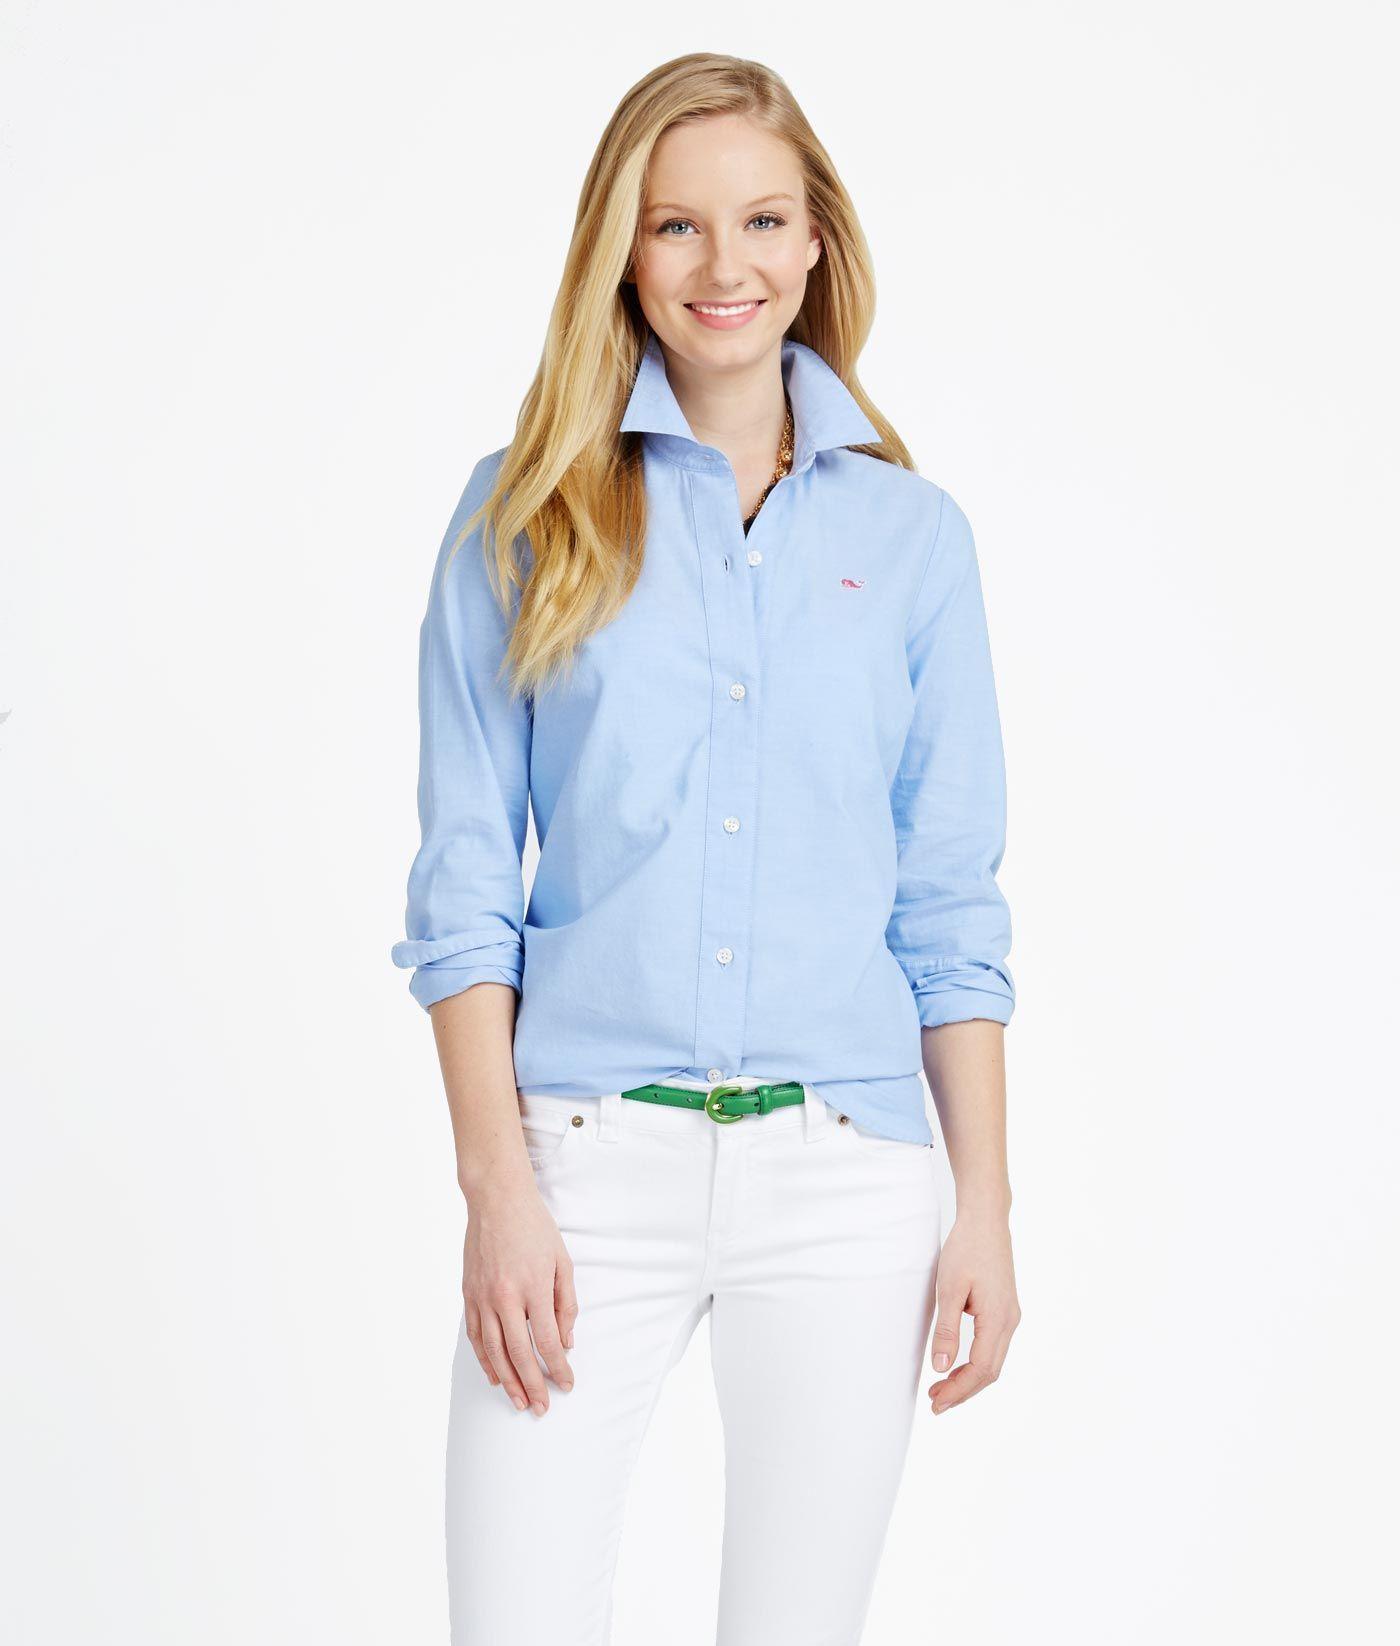 Women S Button Down Shirts Oxford Shirt For Women